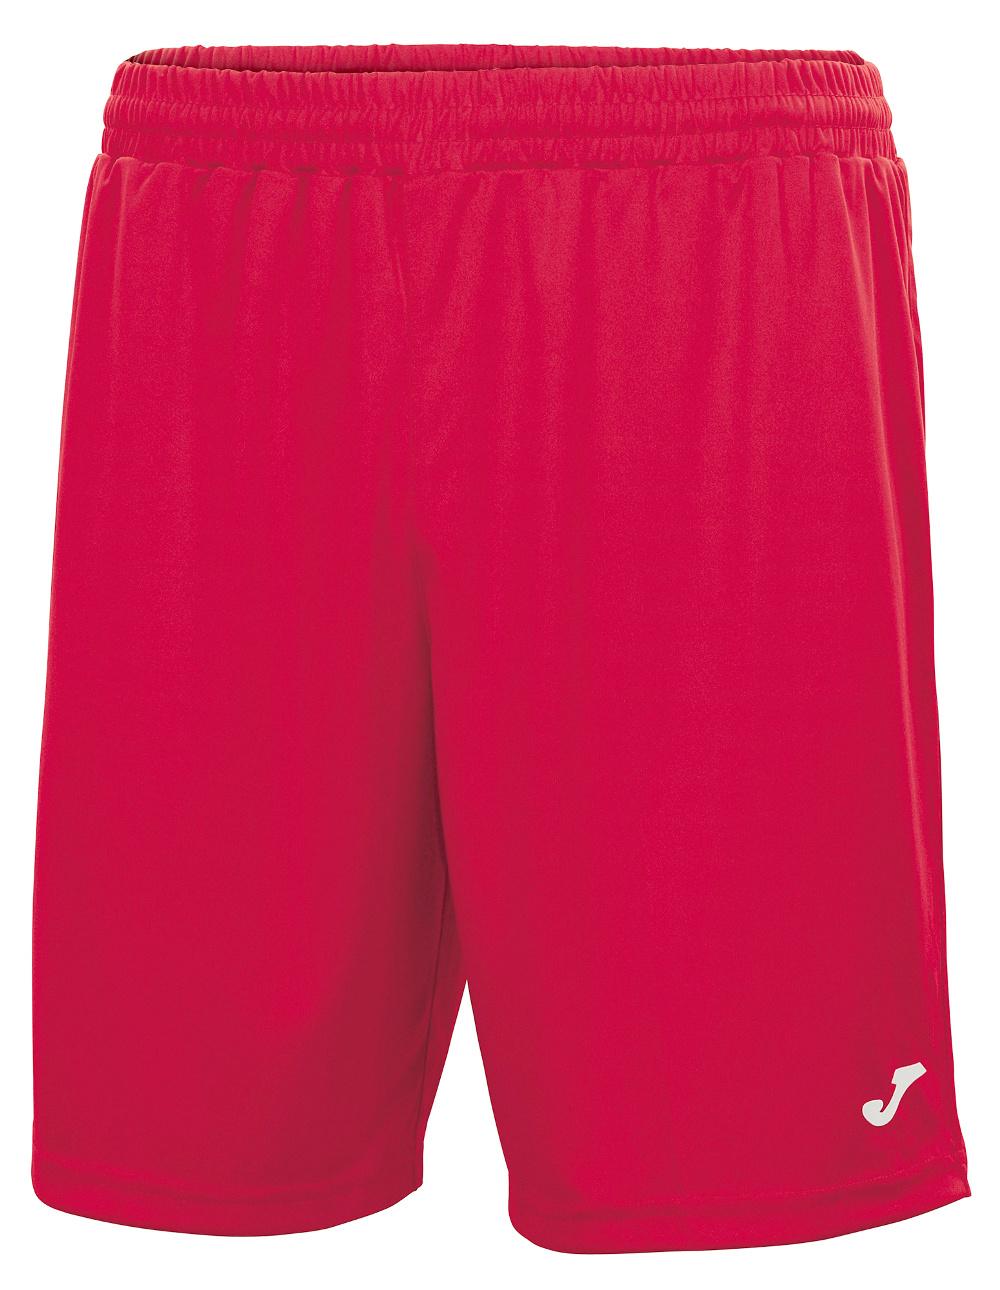 Pantaloncini da calcio | Acquisti Online su eBay